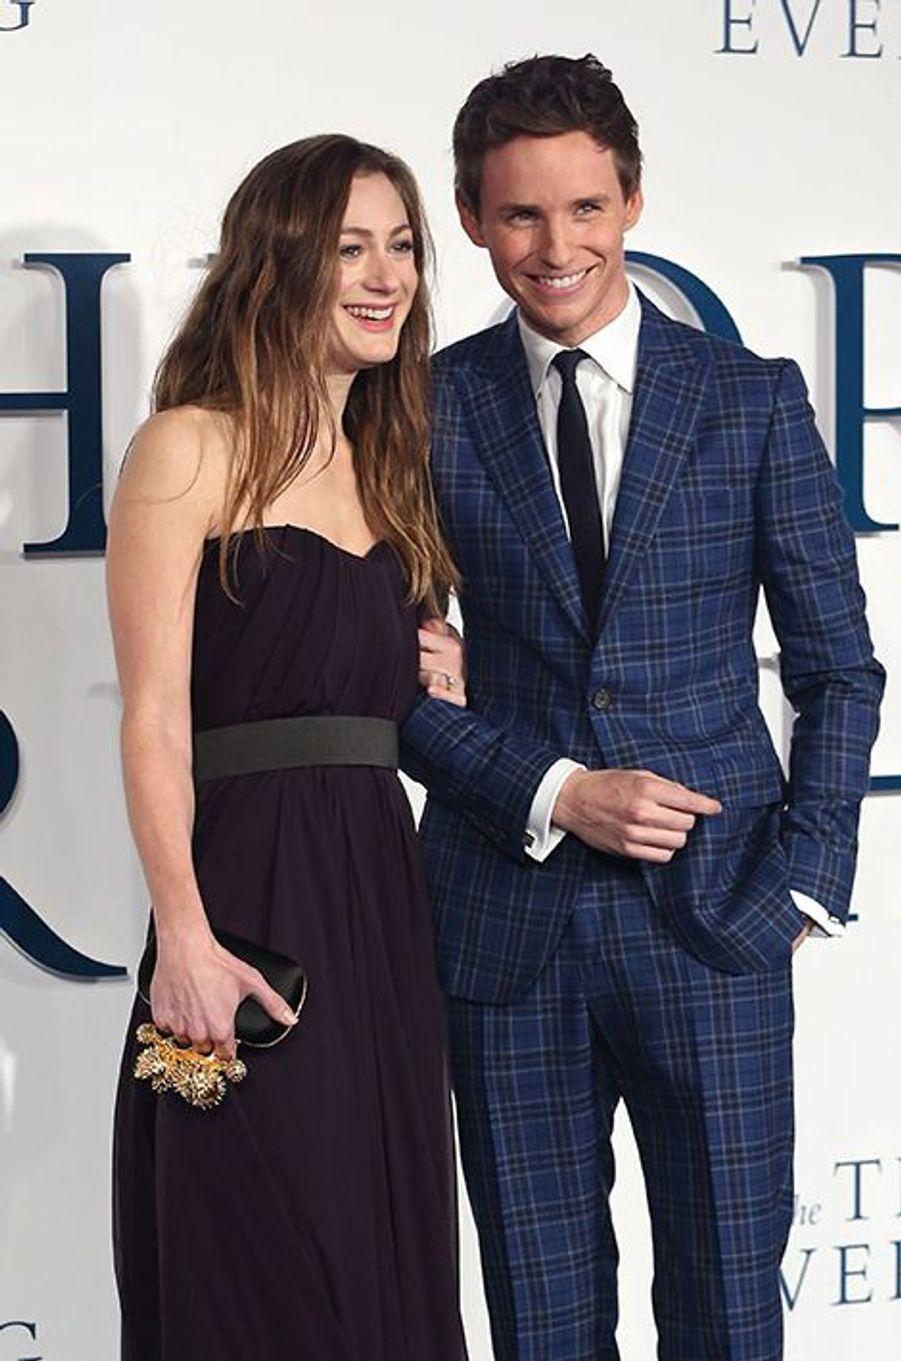 Tout sourit à l'acteur montant du cinéma hollywoodien. Pressenti pour décrocher l'Oscar, le comédien britannique a épousé sa compagne depuis deux ans, Hannah Bagshawe, lors d'une cérémonie organisée en Angleterre le 15 décembre.